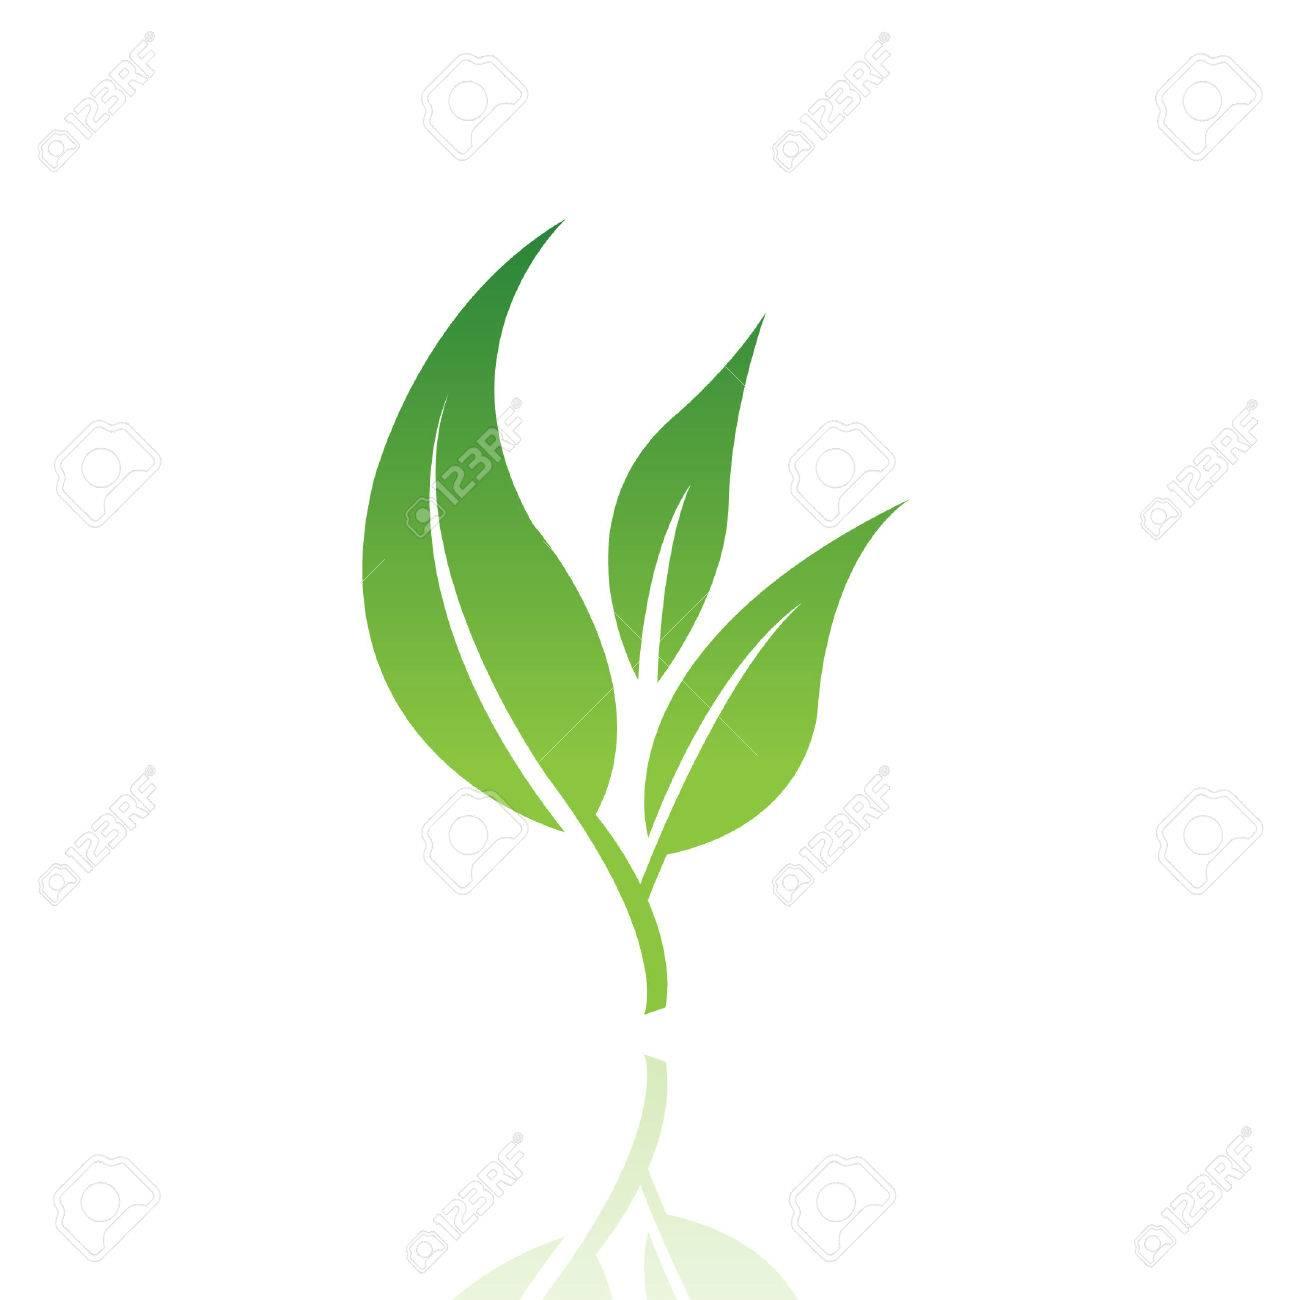 Verdes Logos Imágenes Hoja Logo Hoja Verde Aislado